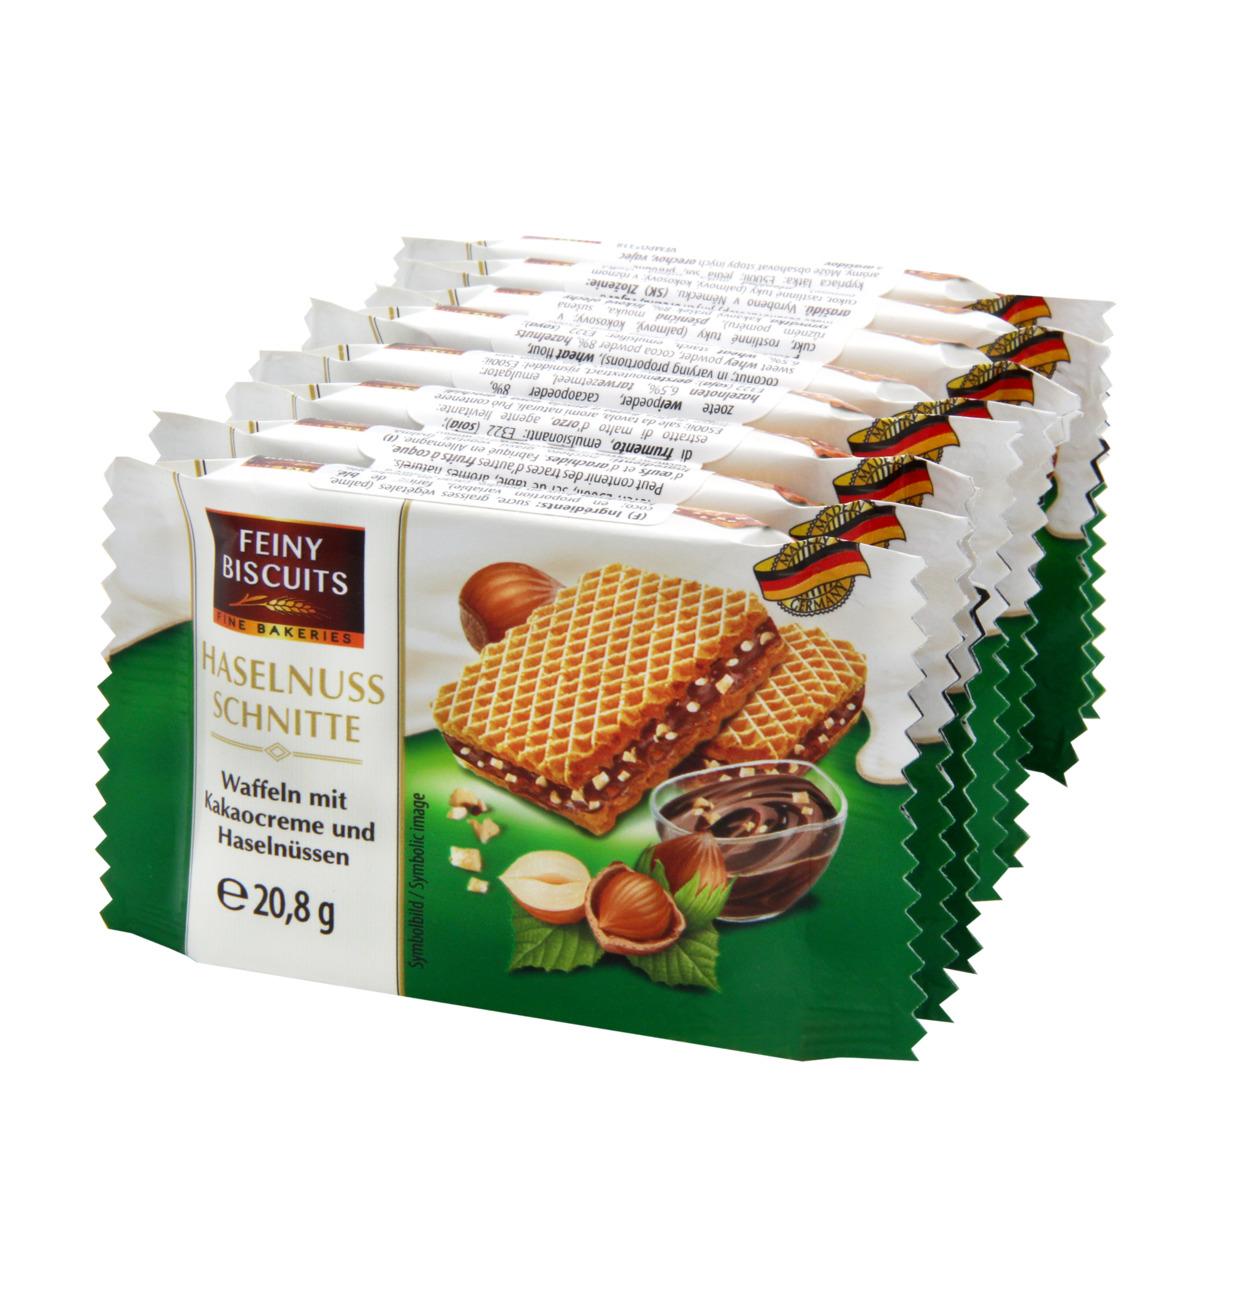 Waffeln mit Kakaocreme und Haselnüssen